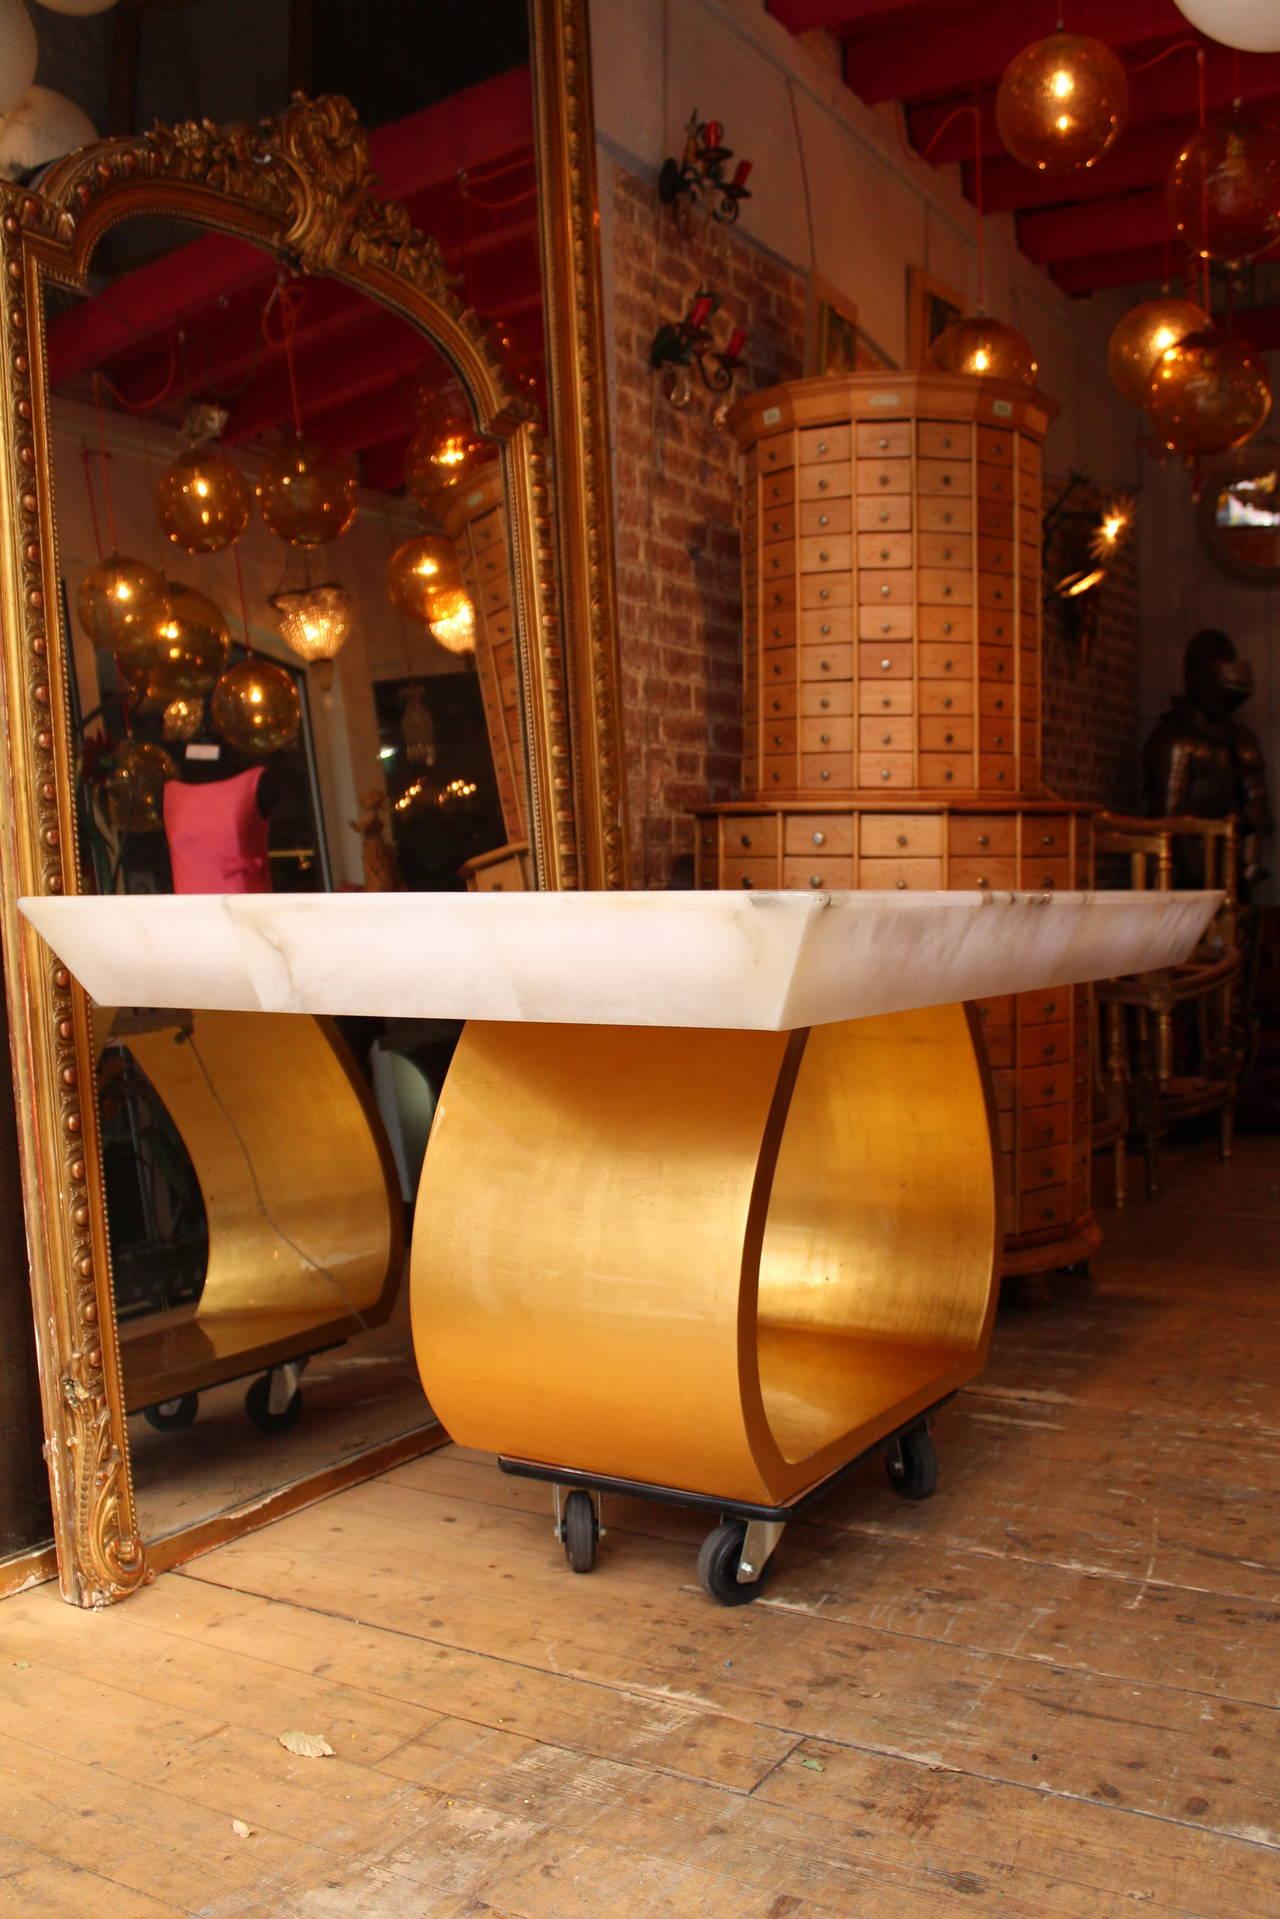 table ring atelier alain ellouz 2008 alabaster for sale at 1stdibs. Black Bedroom Furniture Sets. Home Design Ideas